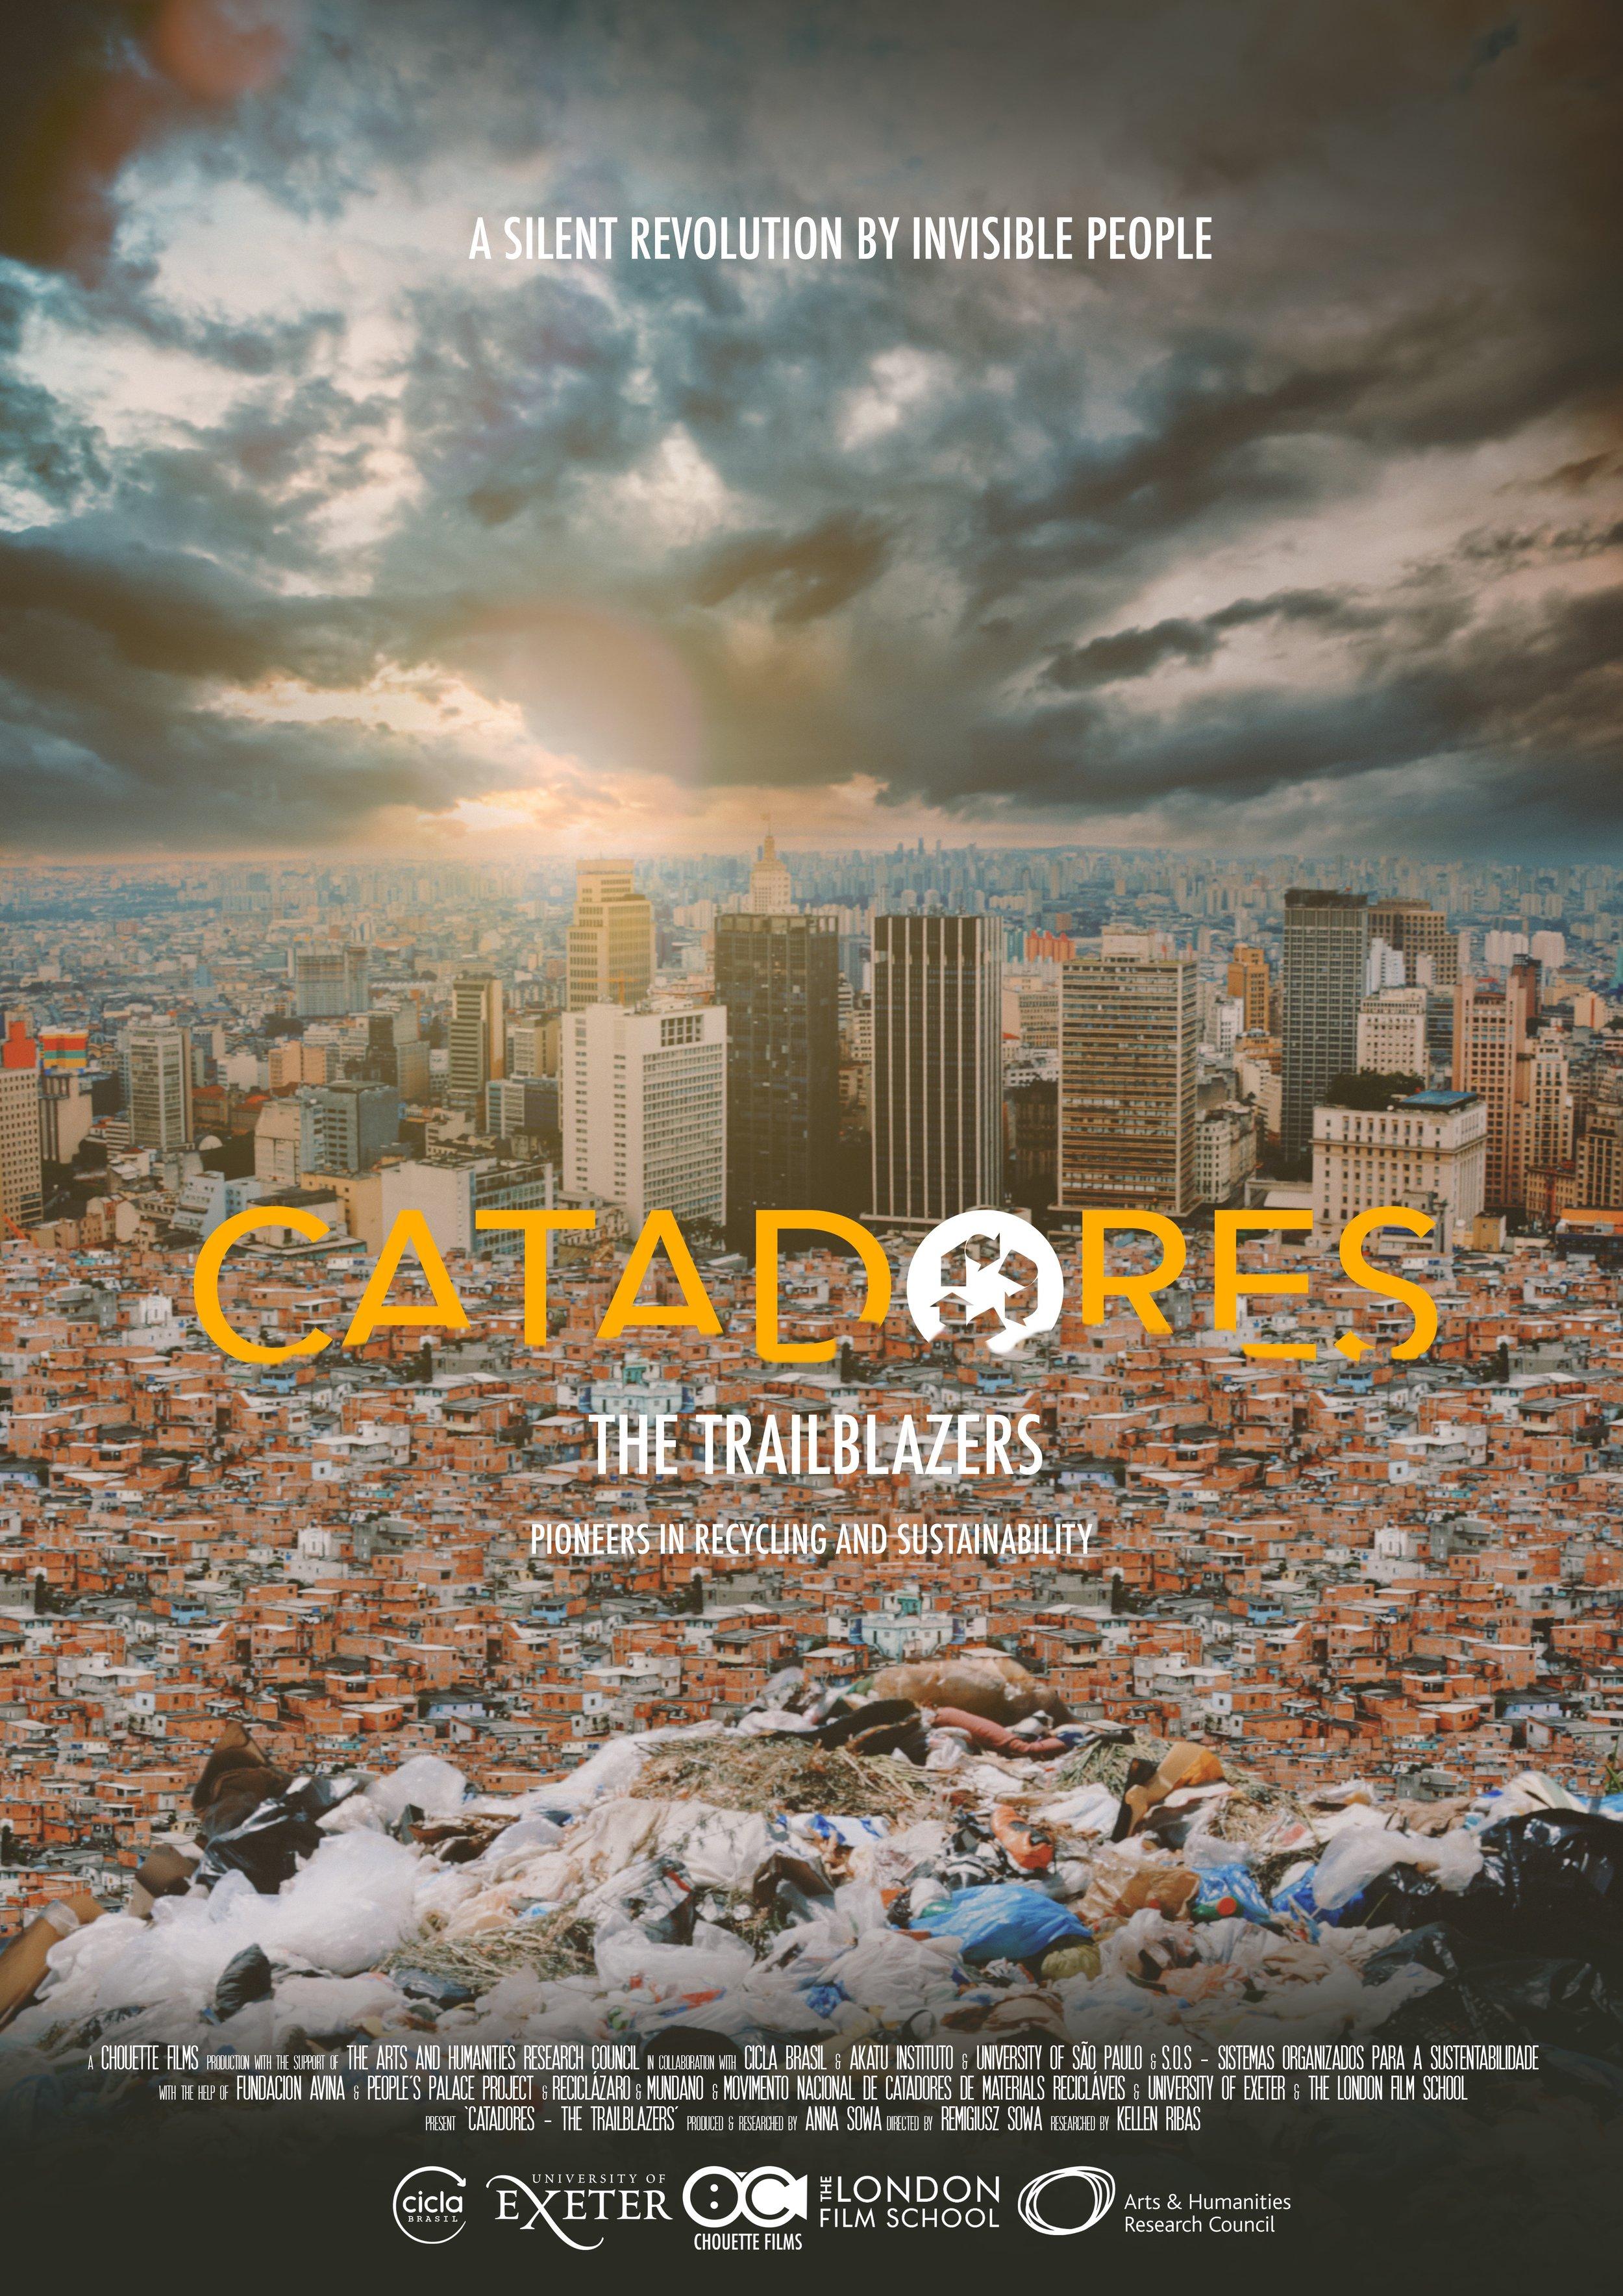 CATADORES - THE TRAILBLAZERS